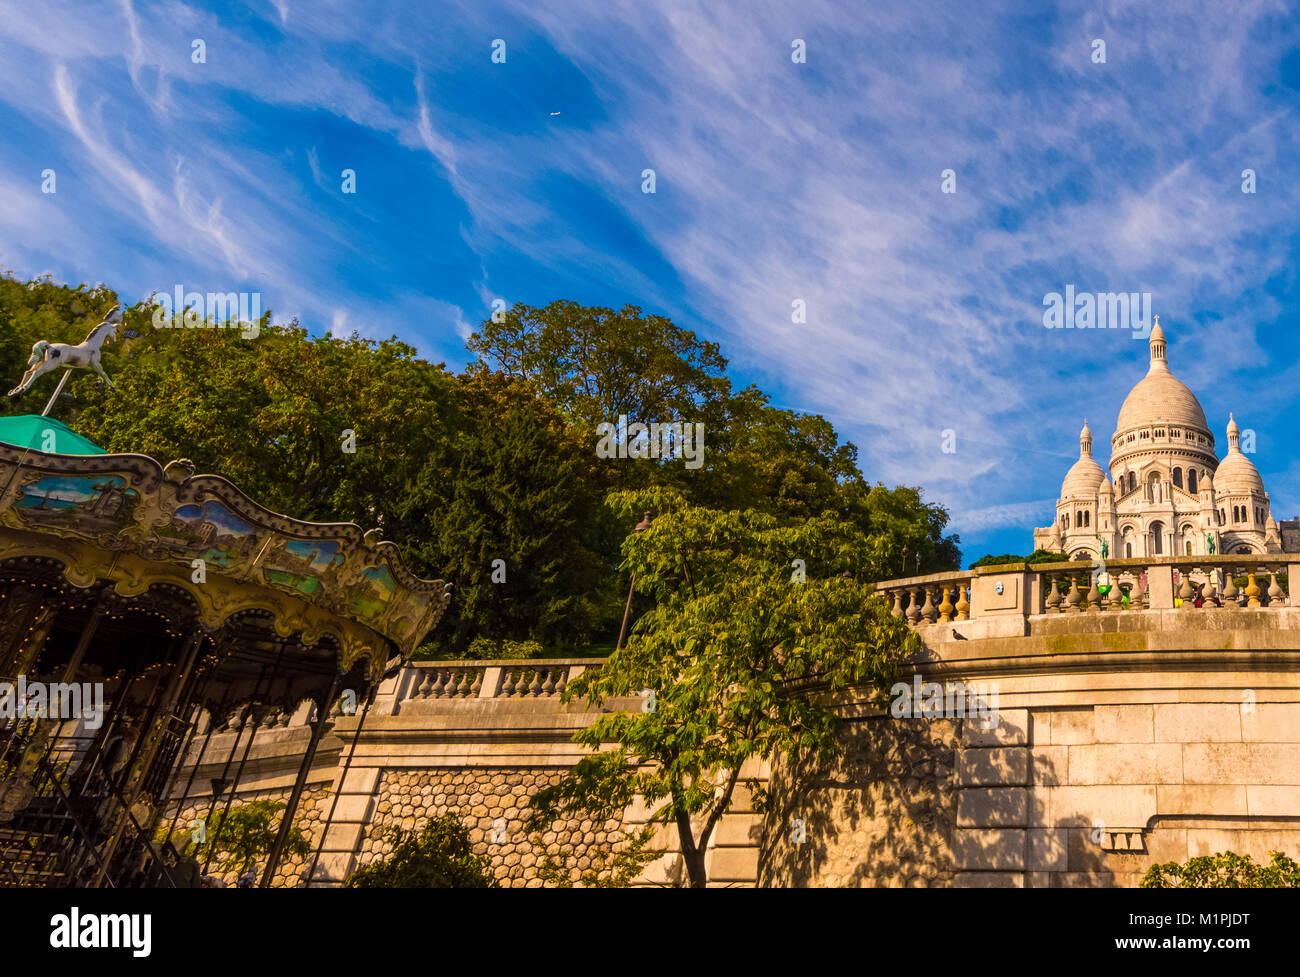 Architectural extérieur couleur image de la basilique du Sacré Coeur, Paris, France, prises sur une journée Photo Stock